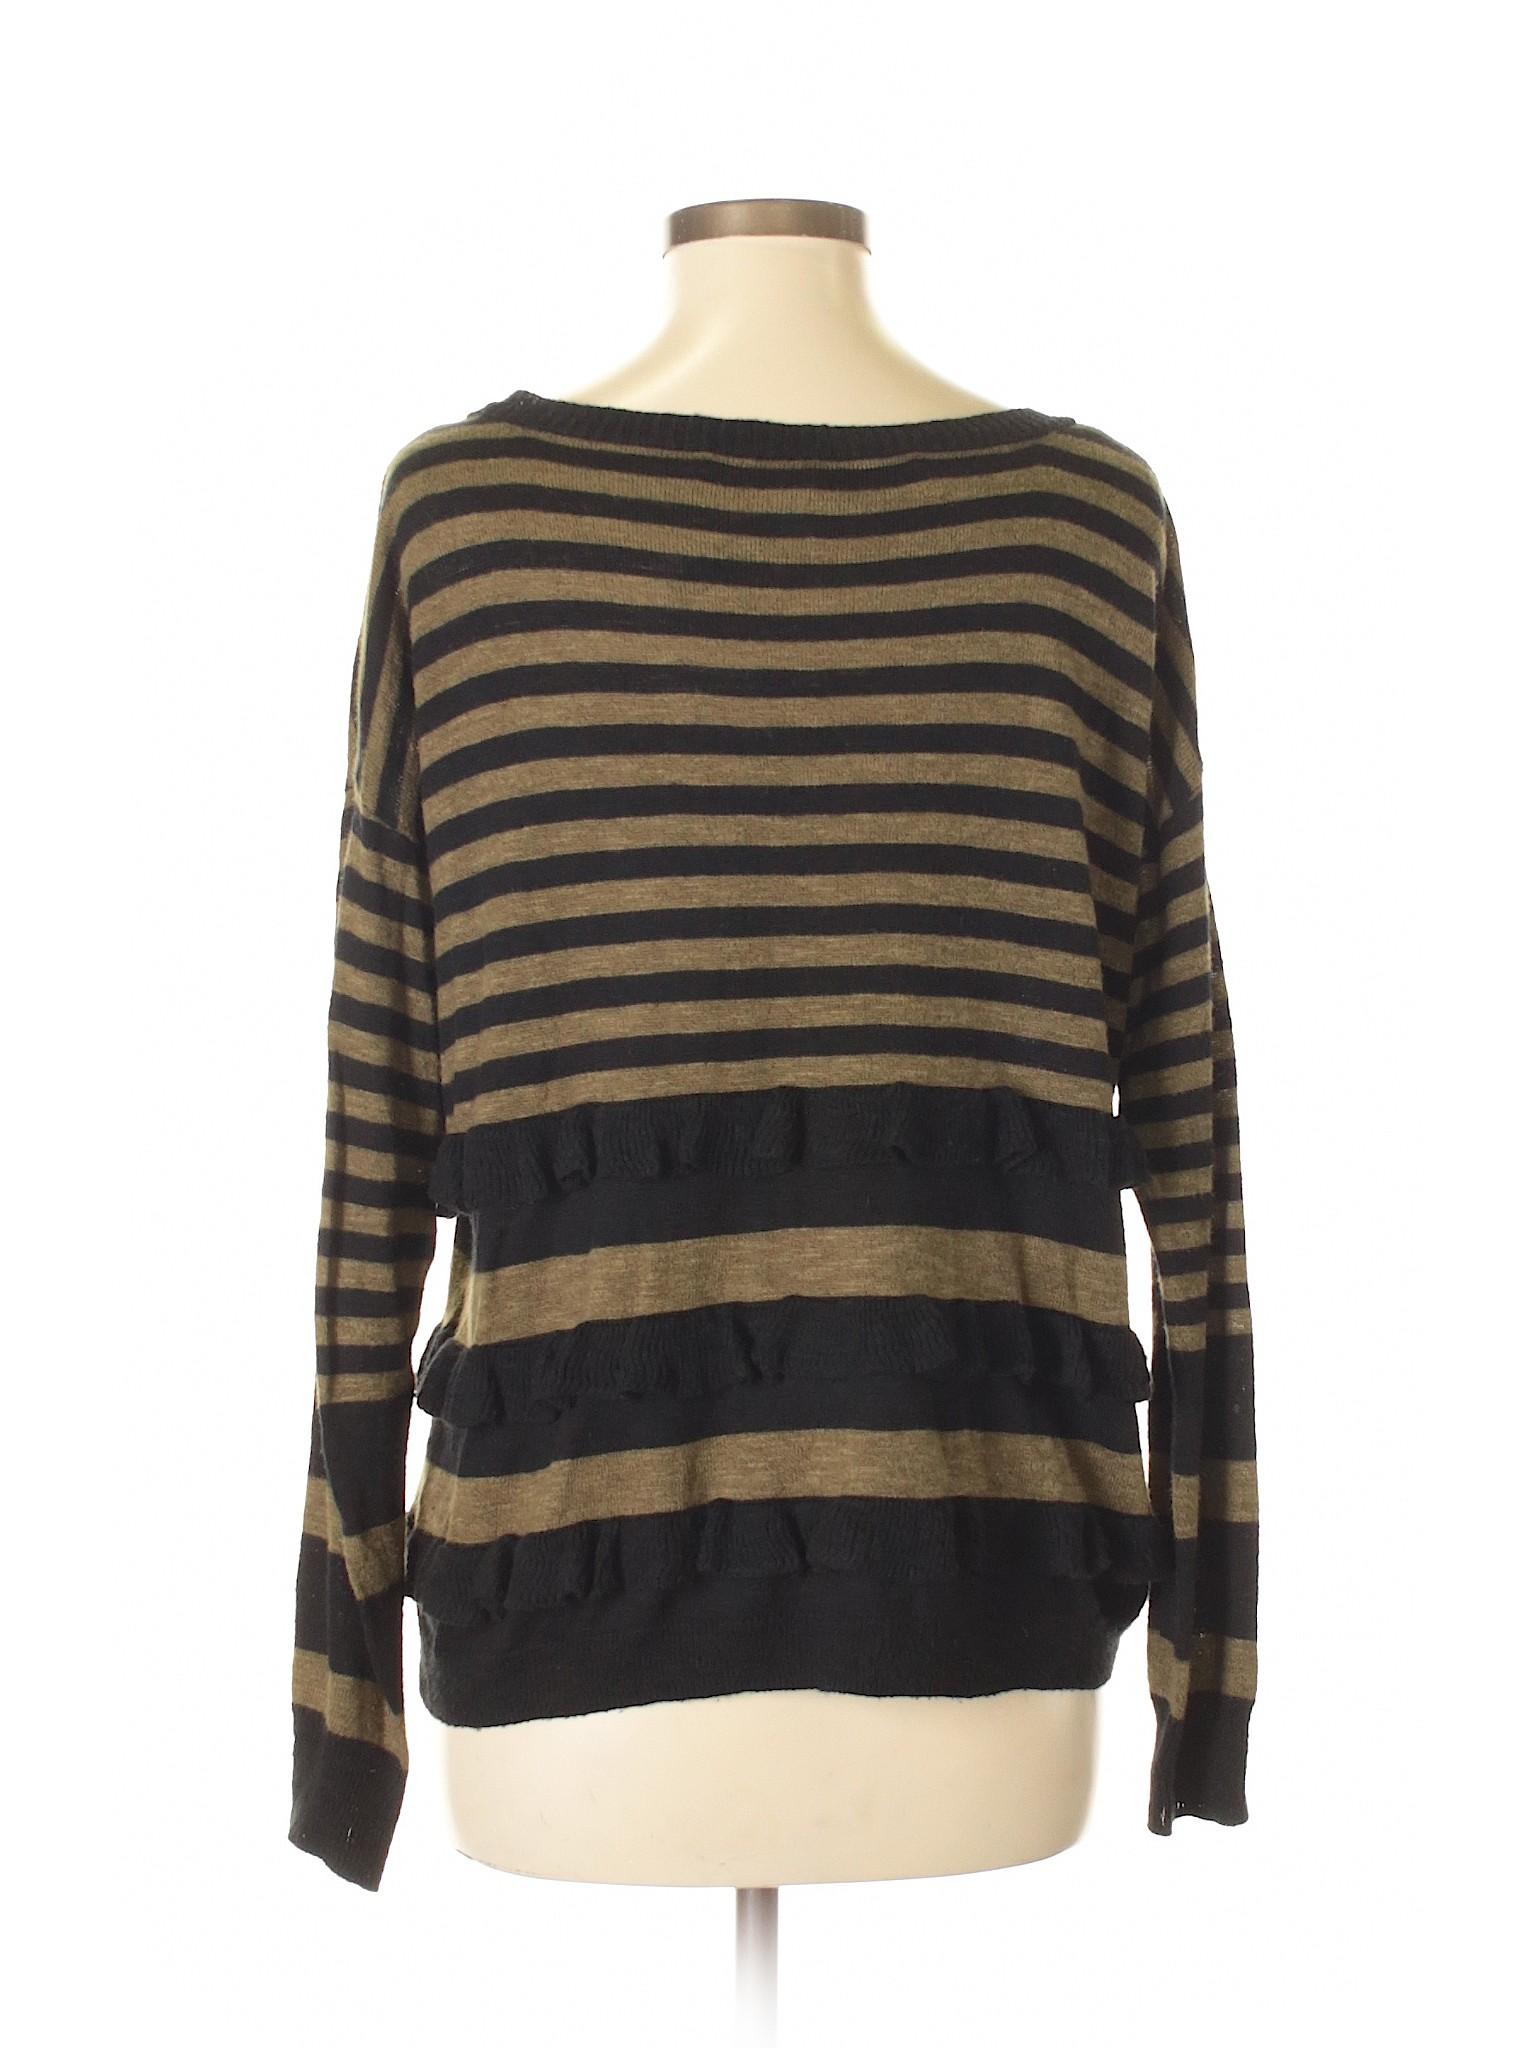 Sweater Kensie Kensie Kensie Boutique Pullover Boutique Sweater Boutique Pullover Pullover Boutique Sweater PqwStBpnxU